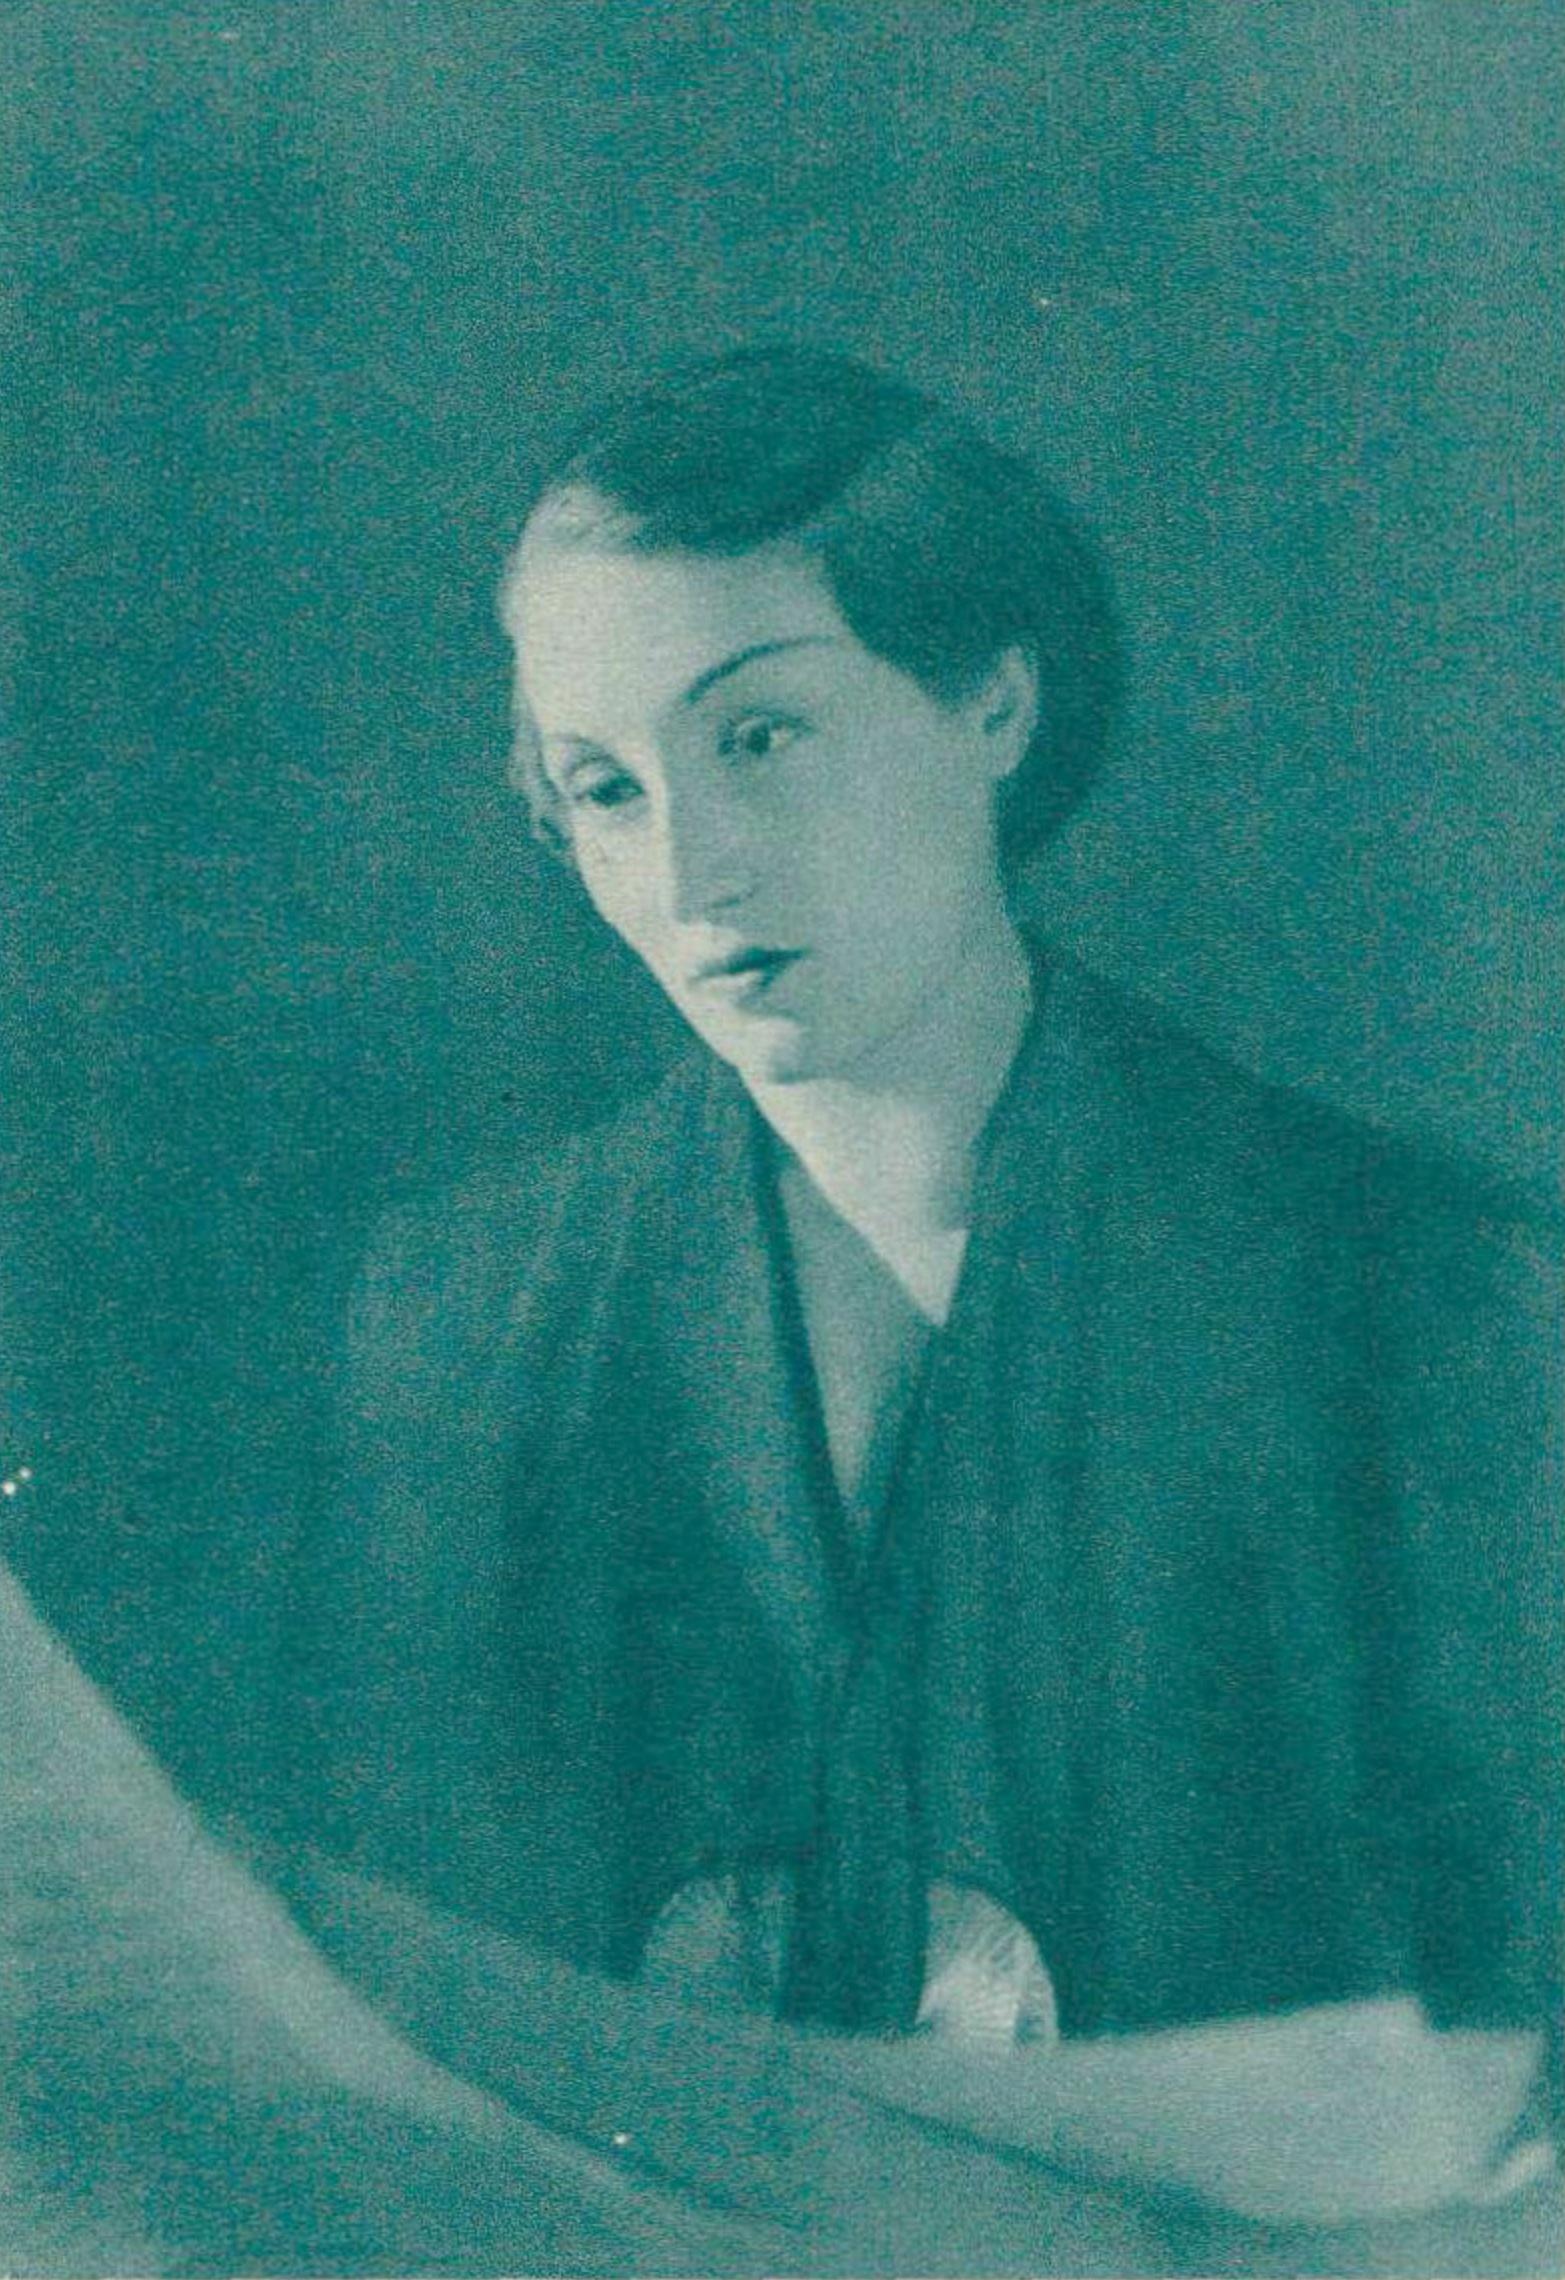 Jacqueline BLANCARD vers 1938, un portrait fait par Boris Lipnitzki, publié entre autres dans la revue Le Radio du 10 juin 1938 en page 910